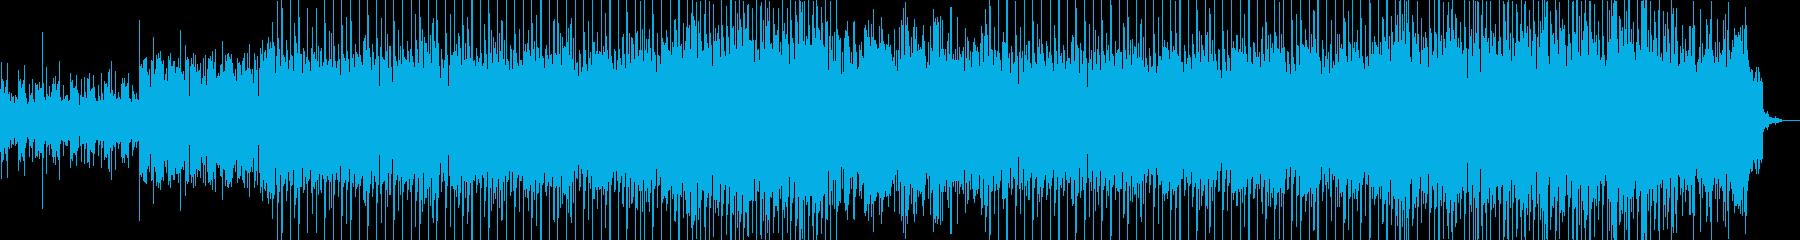 躍動的なポップハウス曲の再生済みの波形